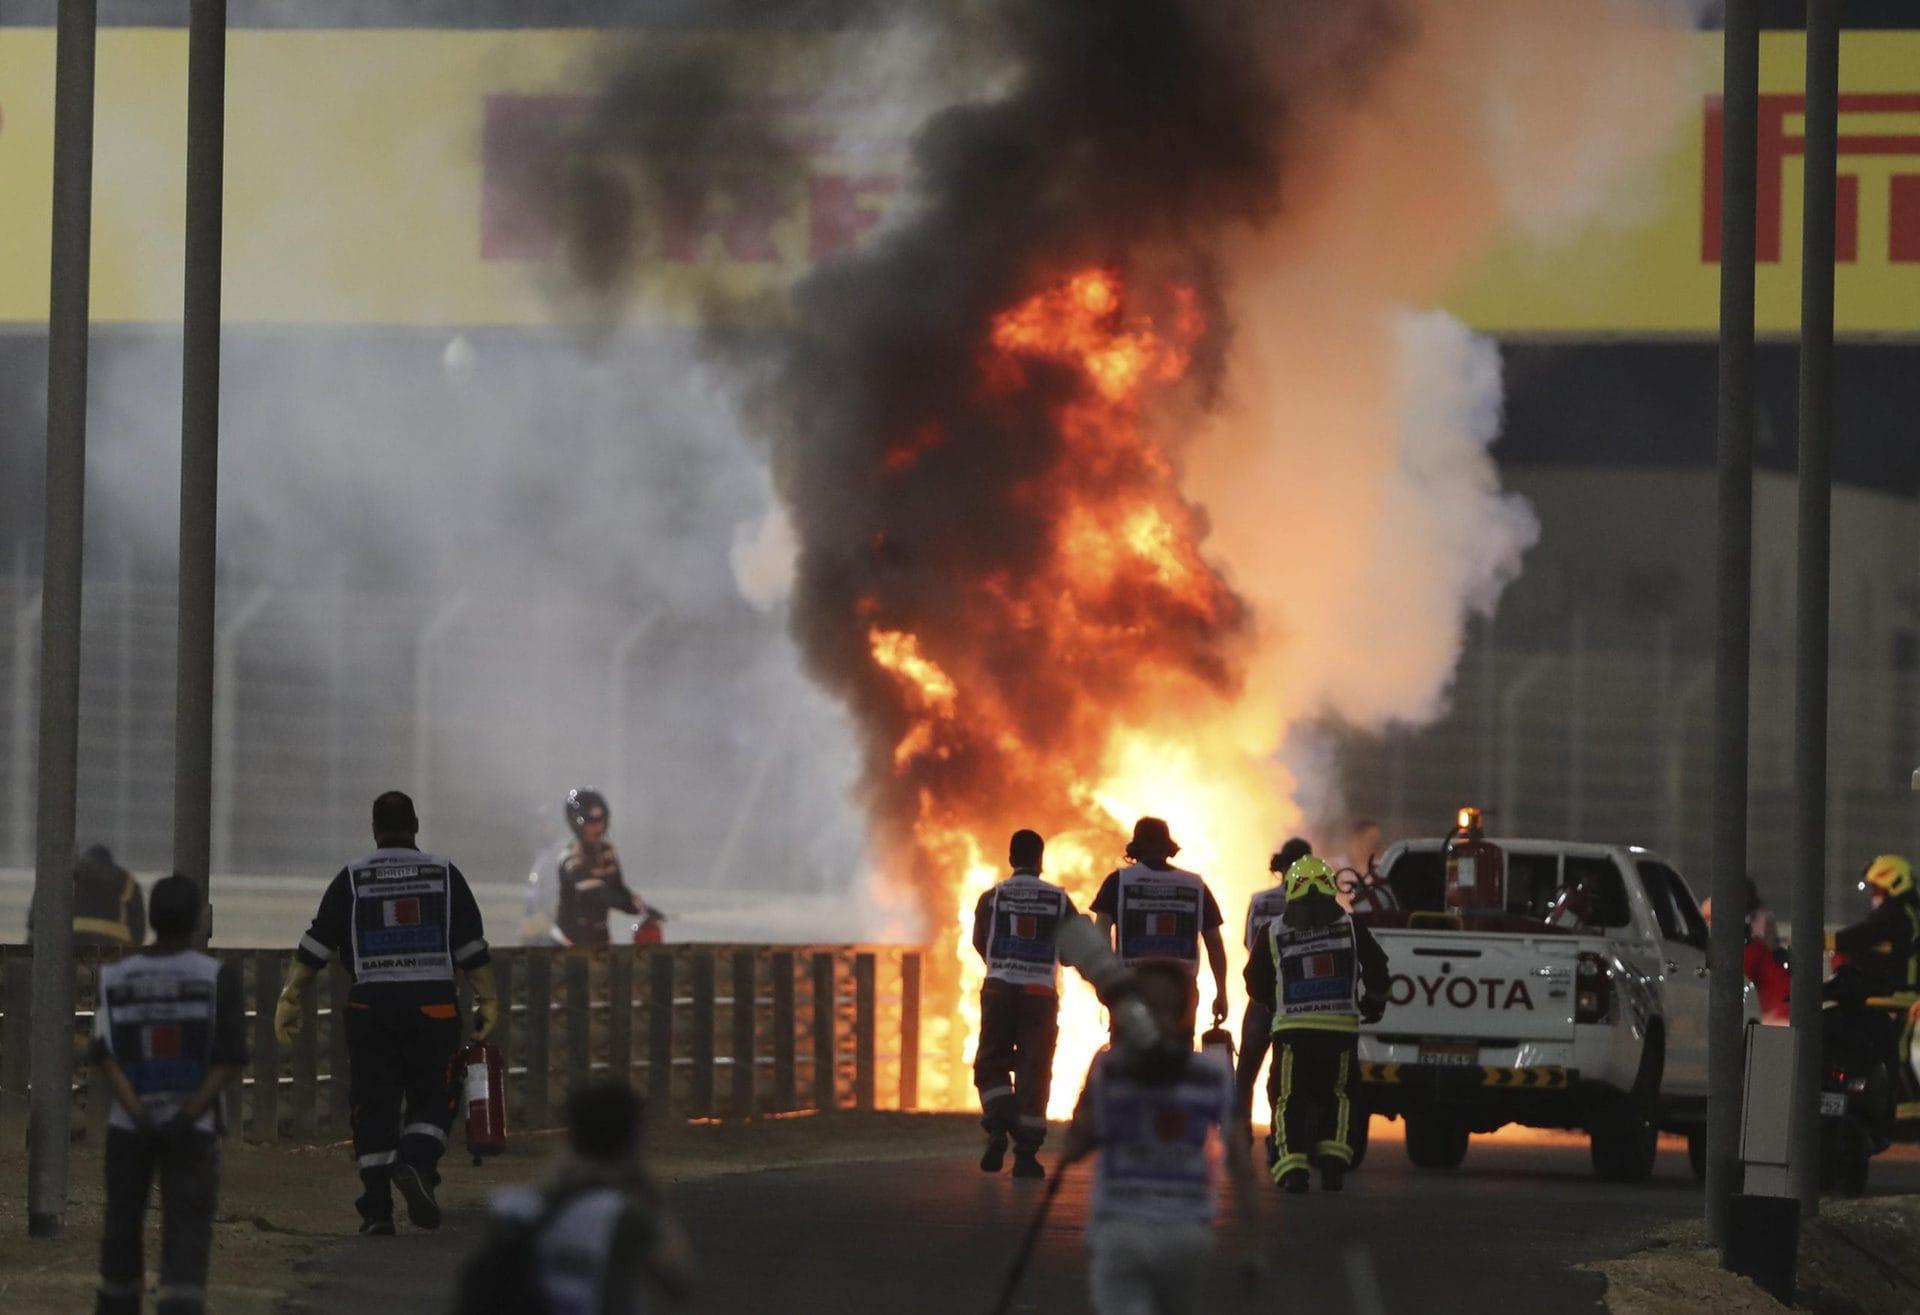 Feuer-Unfall überschattet Hamilton-Sieg in Bahrain Formel 1